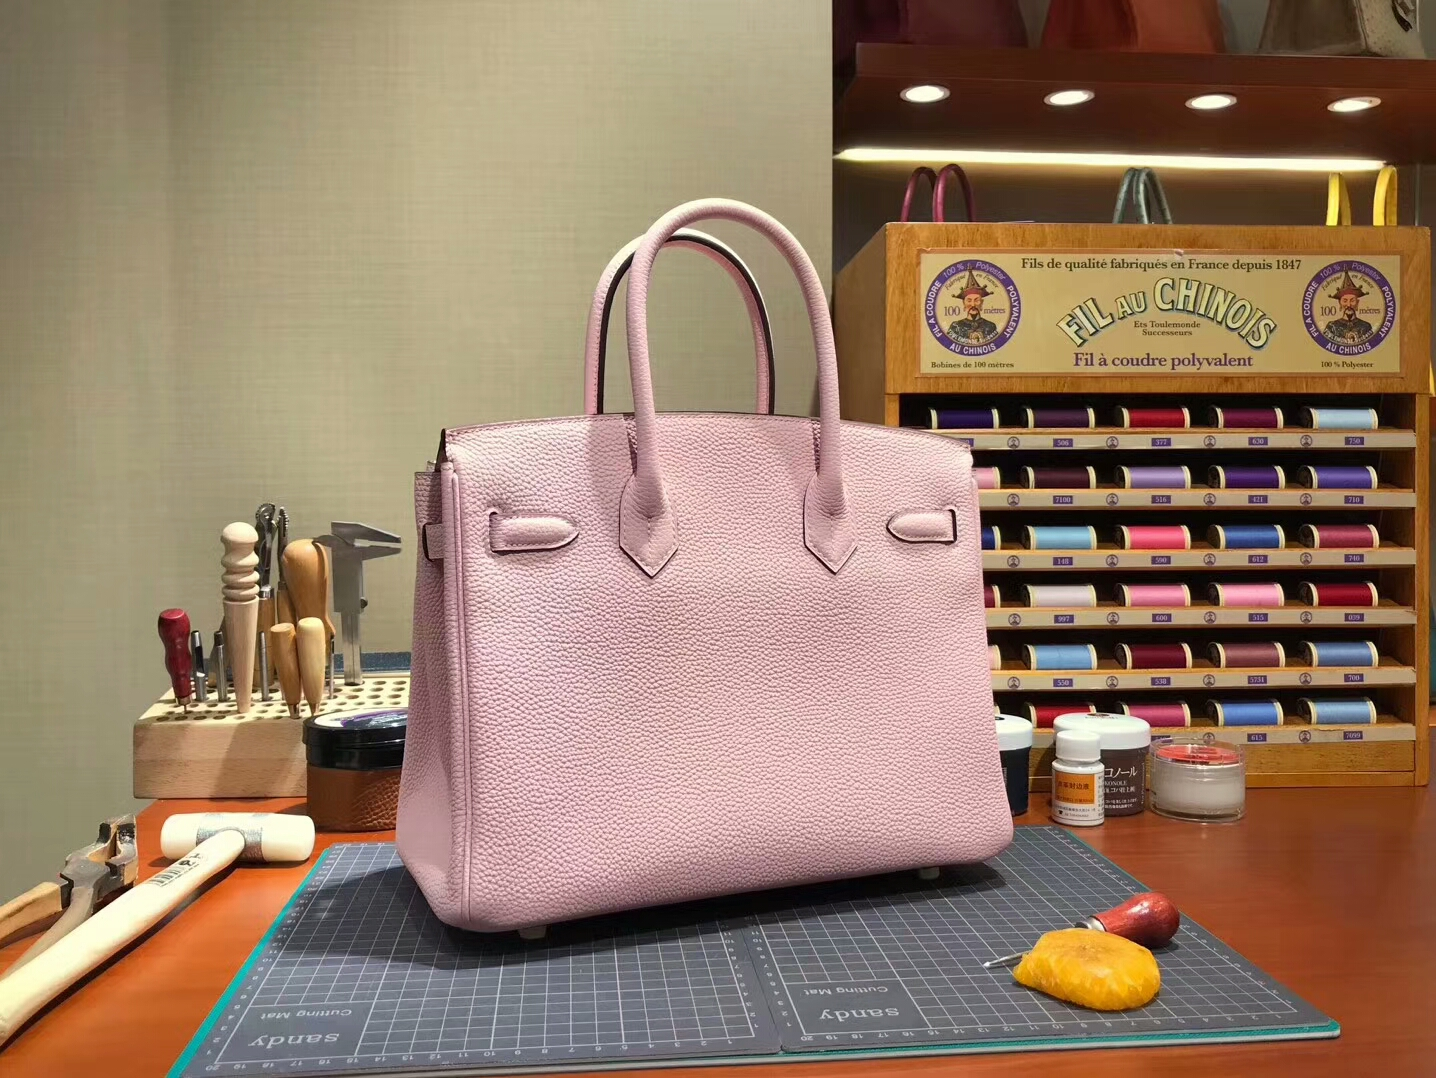 爱马仕 HERMES 铂金包 Birkin 30cm 配全套专柜原版包装 全球发售 3Q 水粉色 rose sakura